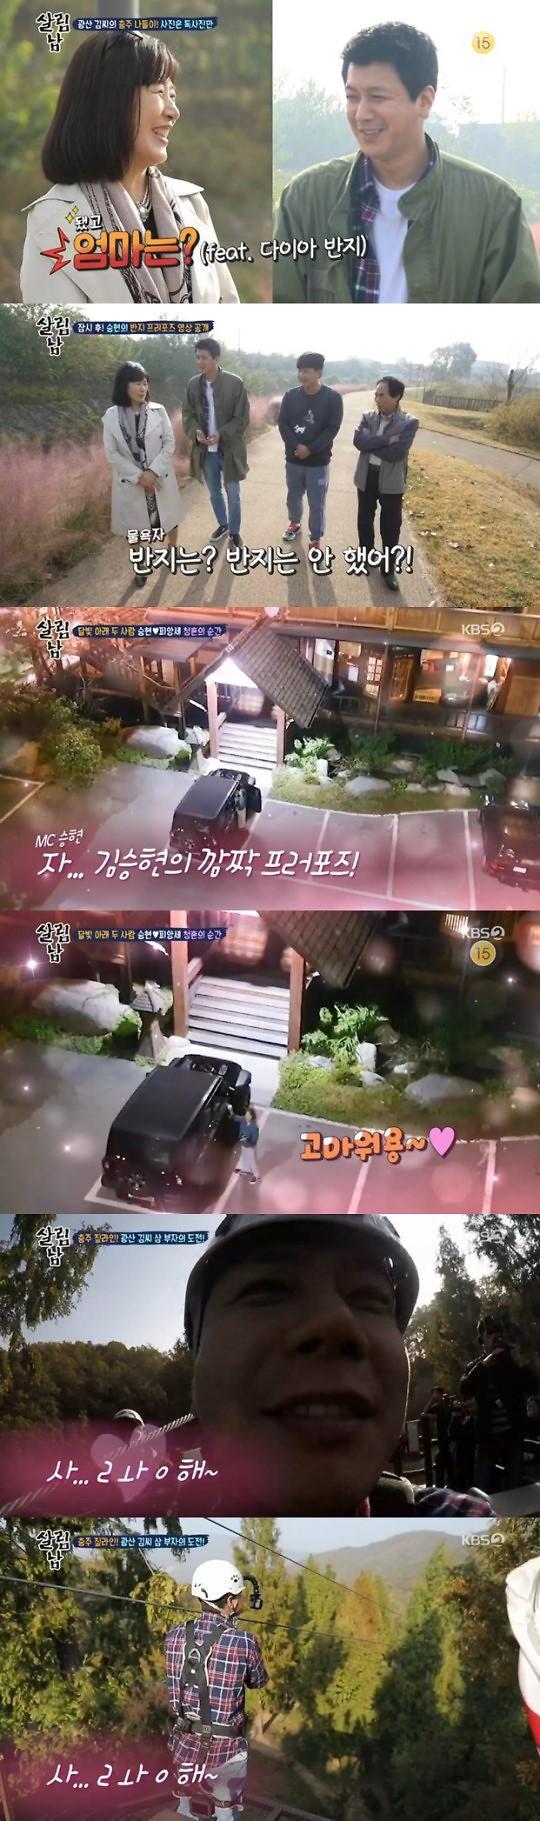 살림남 김승현, 예비신부 장정윤 작가 애정 뿜뿜